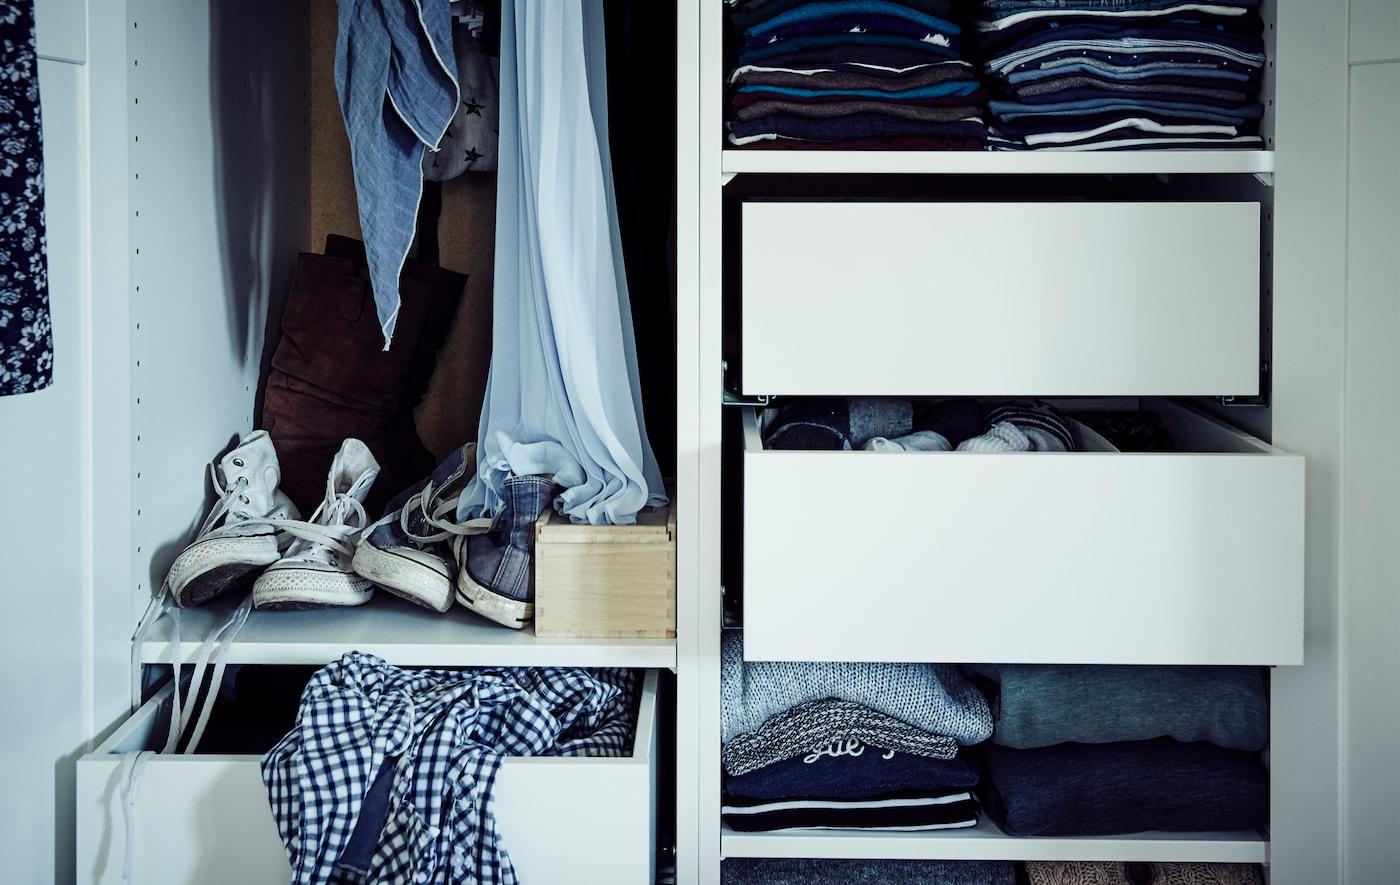 Unutrašnjost garderobera s policama, fiokama i prostorom za kačenje.